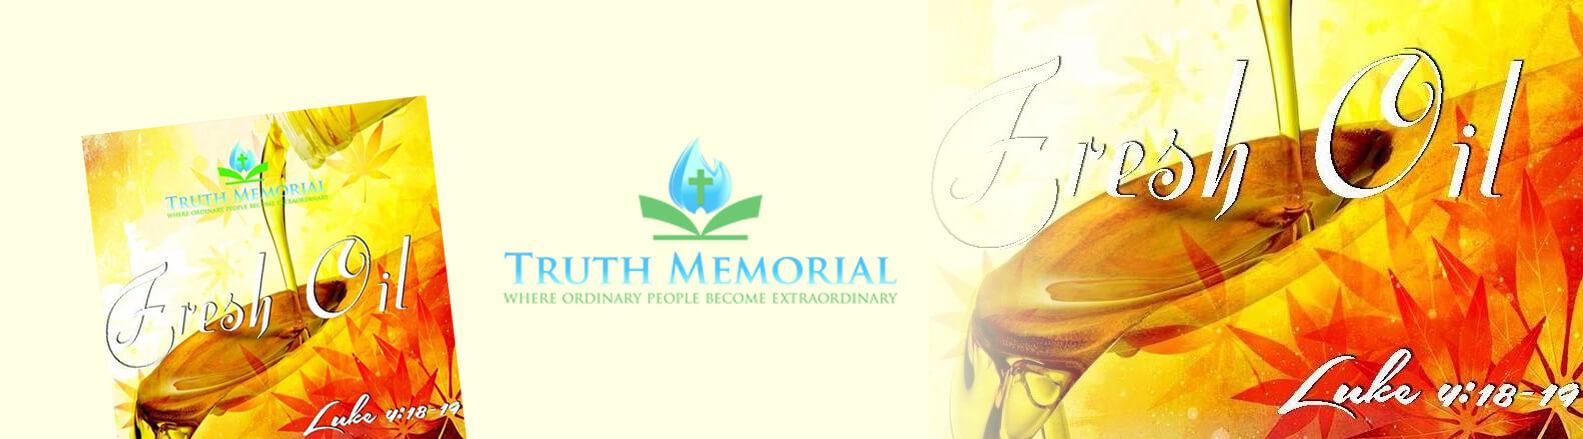 Truth Memorial Church